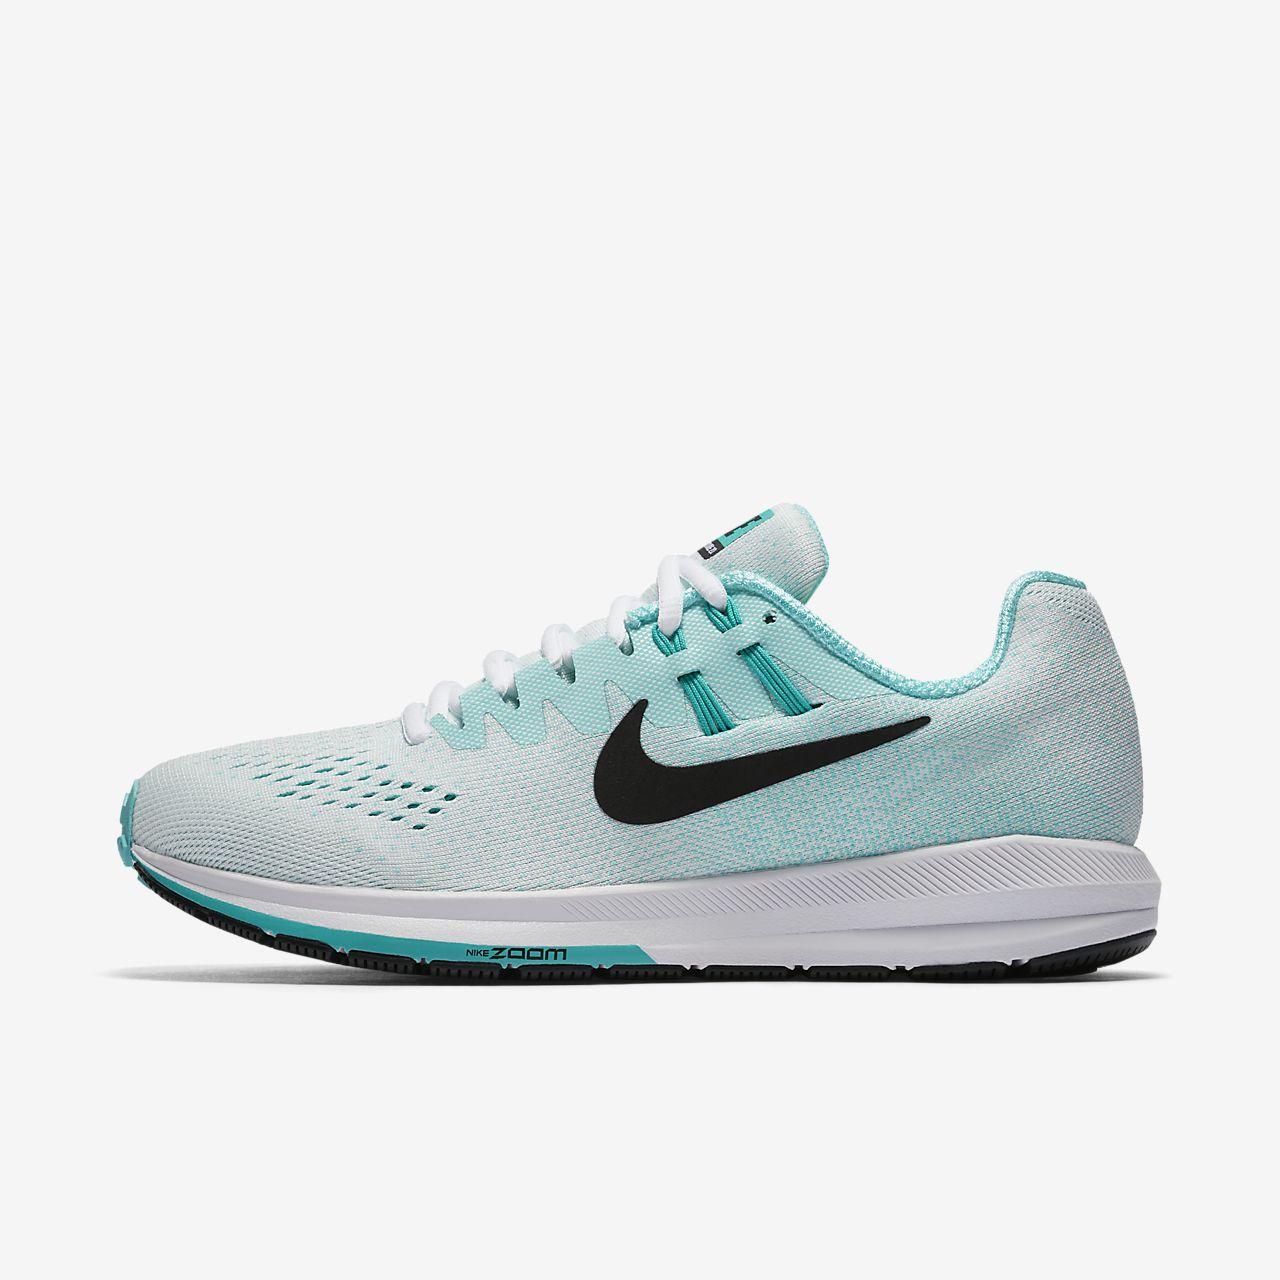 Nike Structure De Zoom De L'air 20 Mode Des Femmes De 90 collections discount express rapide wiki livraison gratuite QR6zAUDL